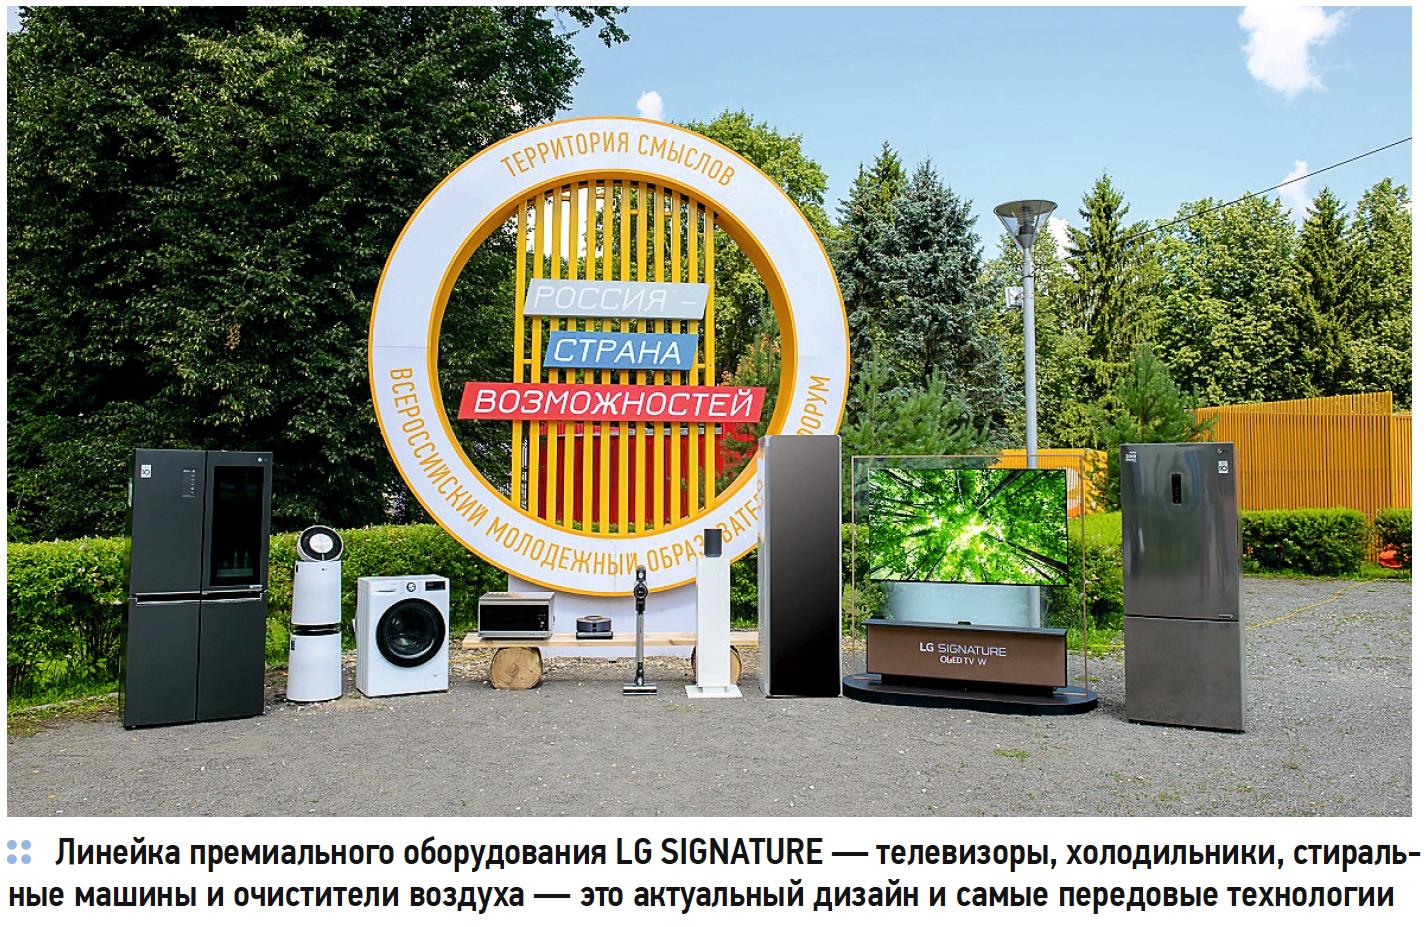 Технологии, мастер-классы и добрые дела: неделя компании LG Electronics в рамках «Территории Смыслов 2019». 7/2019. Фото 3